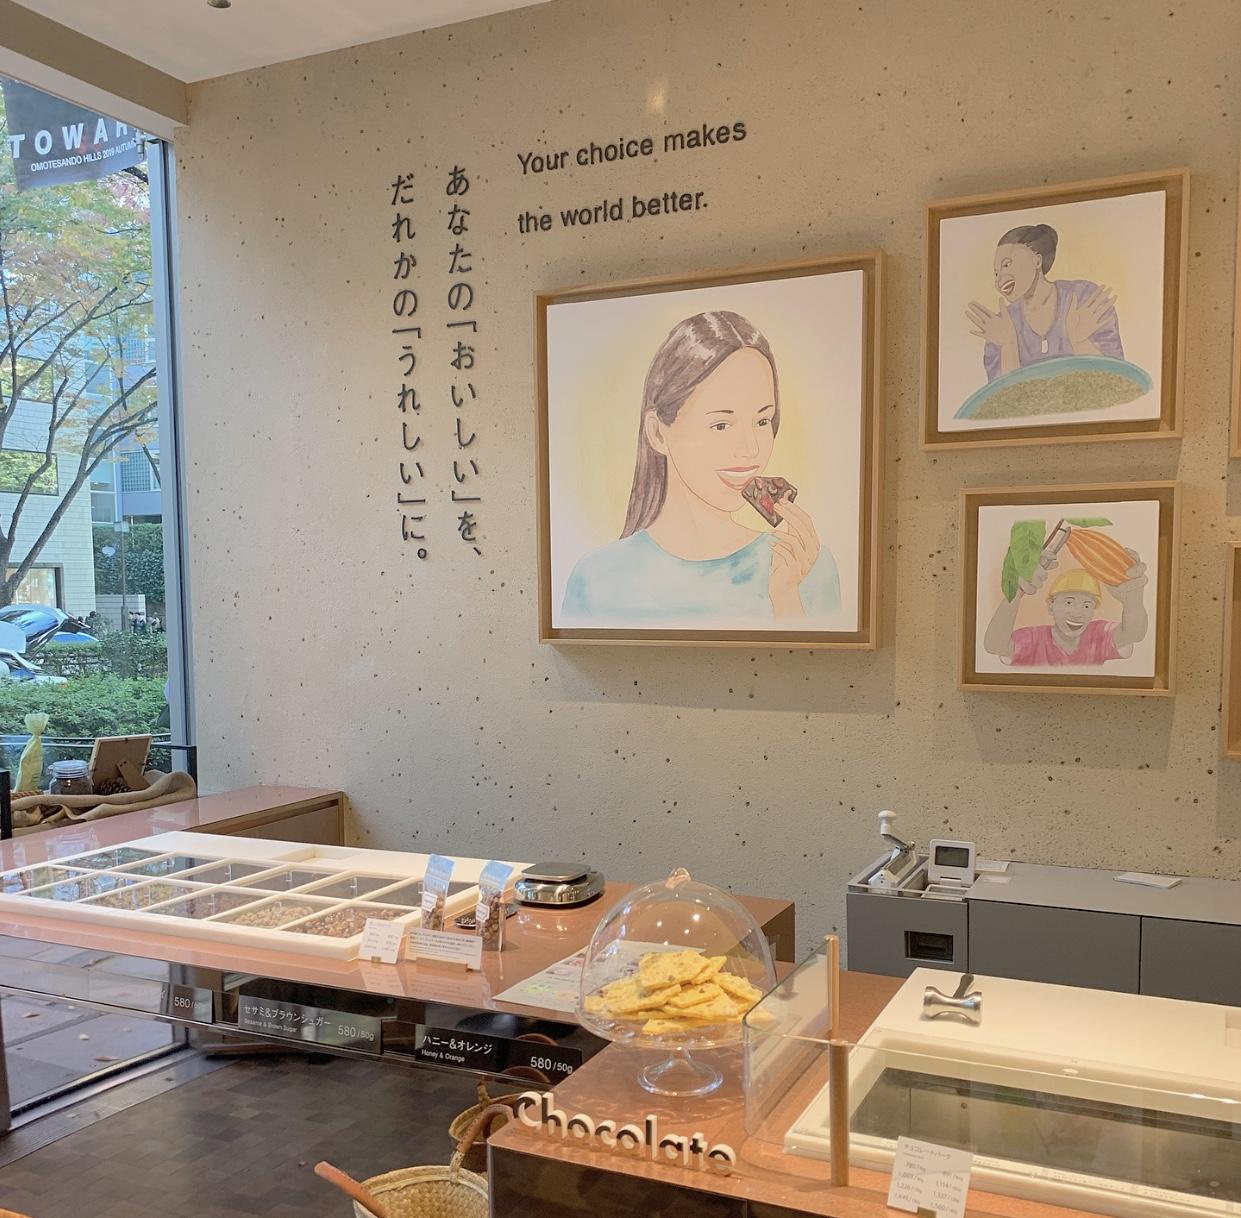 【表参道カフェ】ウェルフードマーケット&カフェに行ってきました✩*॰¨̮_1